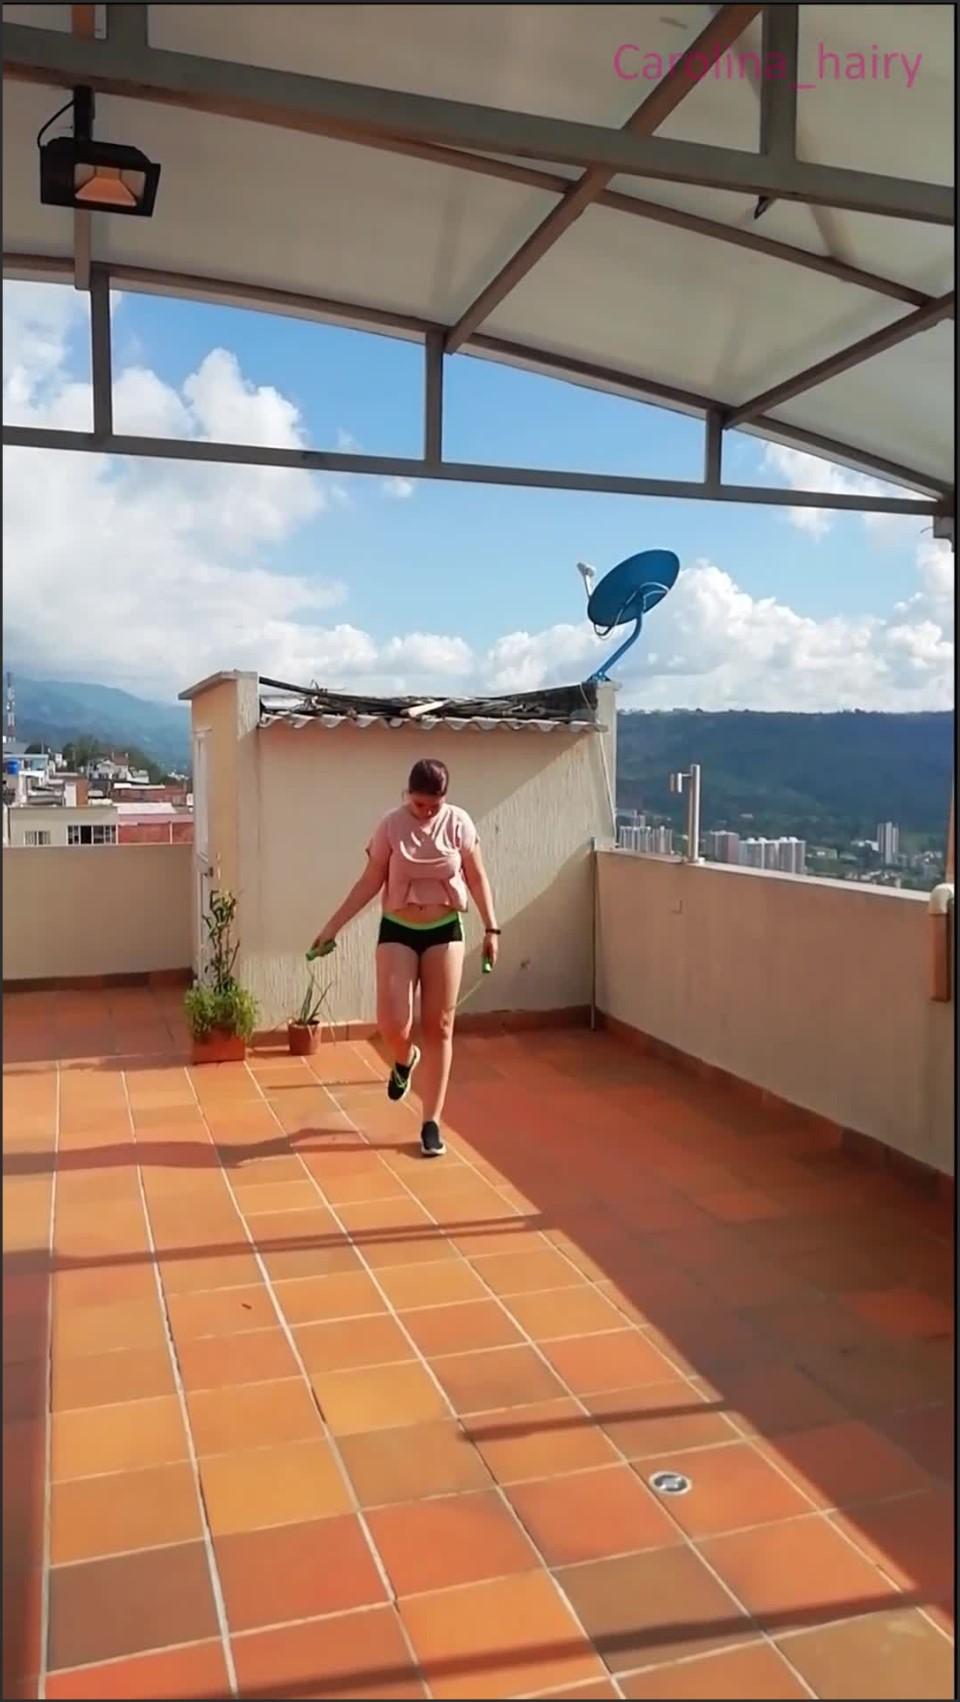 [SD] Carolina Hairy Jumping Rope Saltando La Cuerda 2 Carolina_Hairy - Manyvids-00:23:14   Size - 434,8 MB